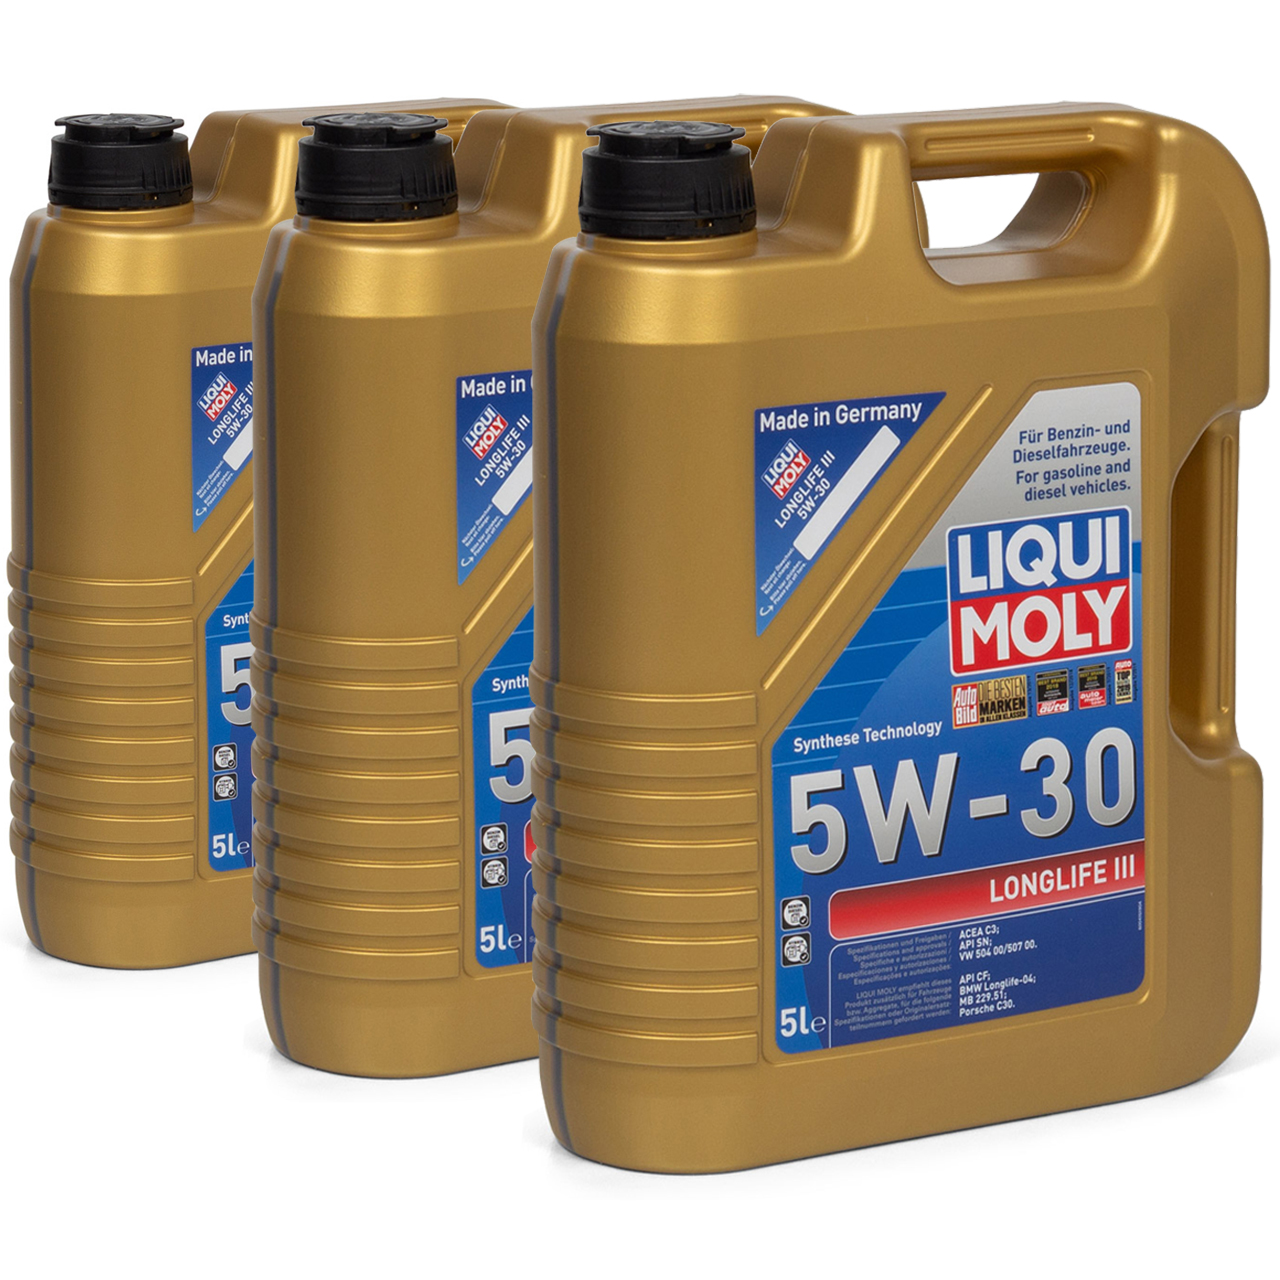 LIQUI MOLY 20647 Motoröl Öl 5W30 LONGLIFE III VW 504/507.00 LL04 MB 229.51 - 15L